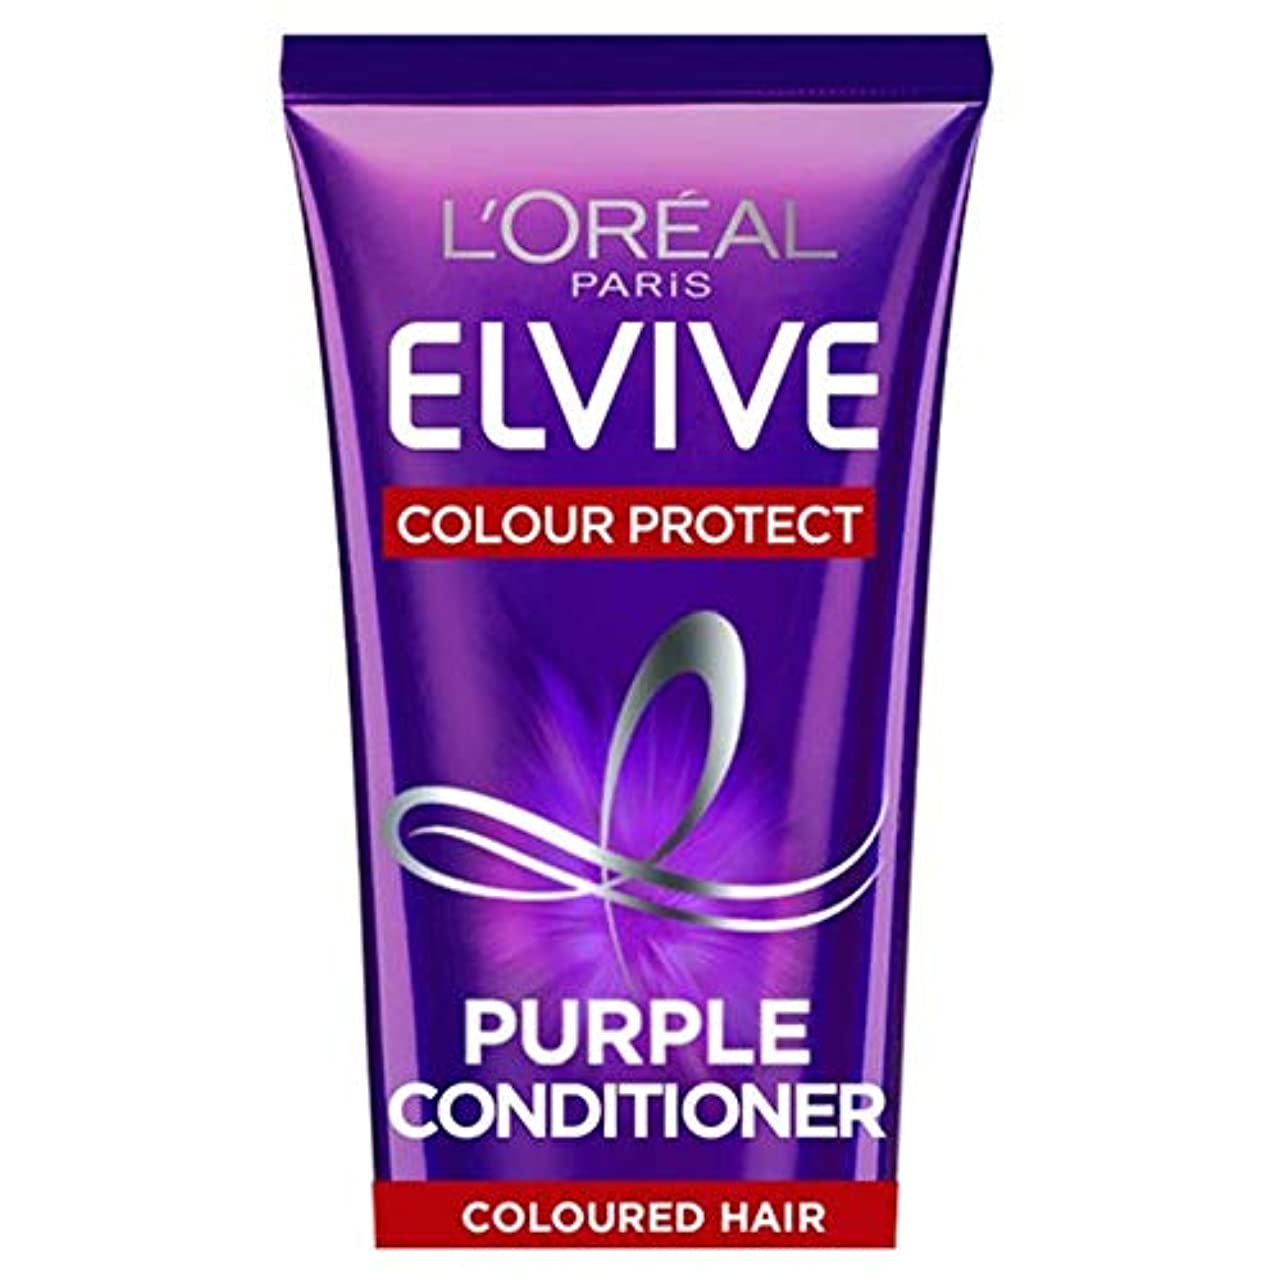 平らなトランスペアレント暗記する[Elvive] ロレアルElvive色は紫コンディショナー150ミリリットルを保護します - L'oreal Elvive Colour Protect Purple Conditioner 150Ml [並行輸入品]